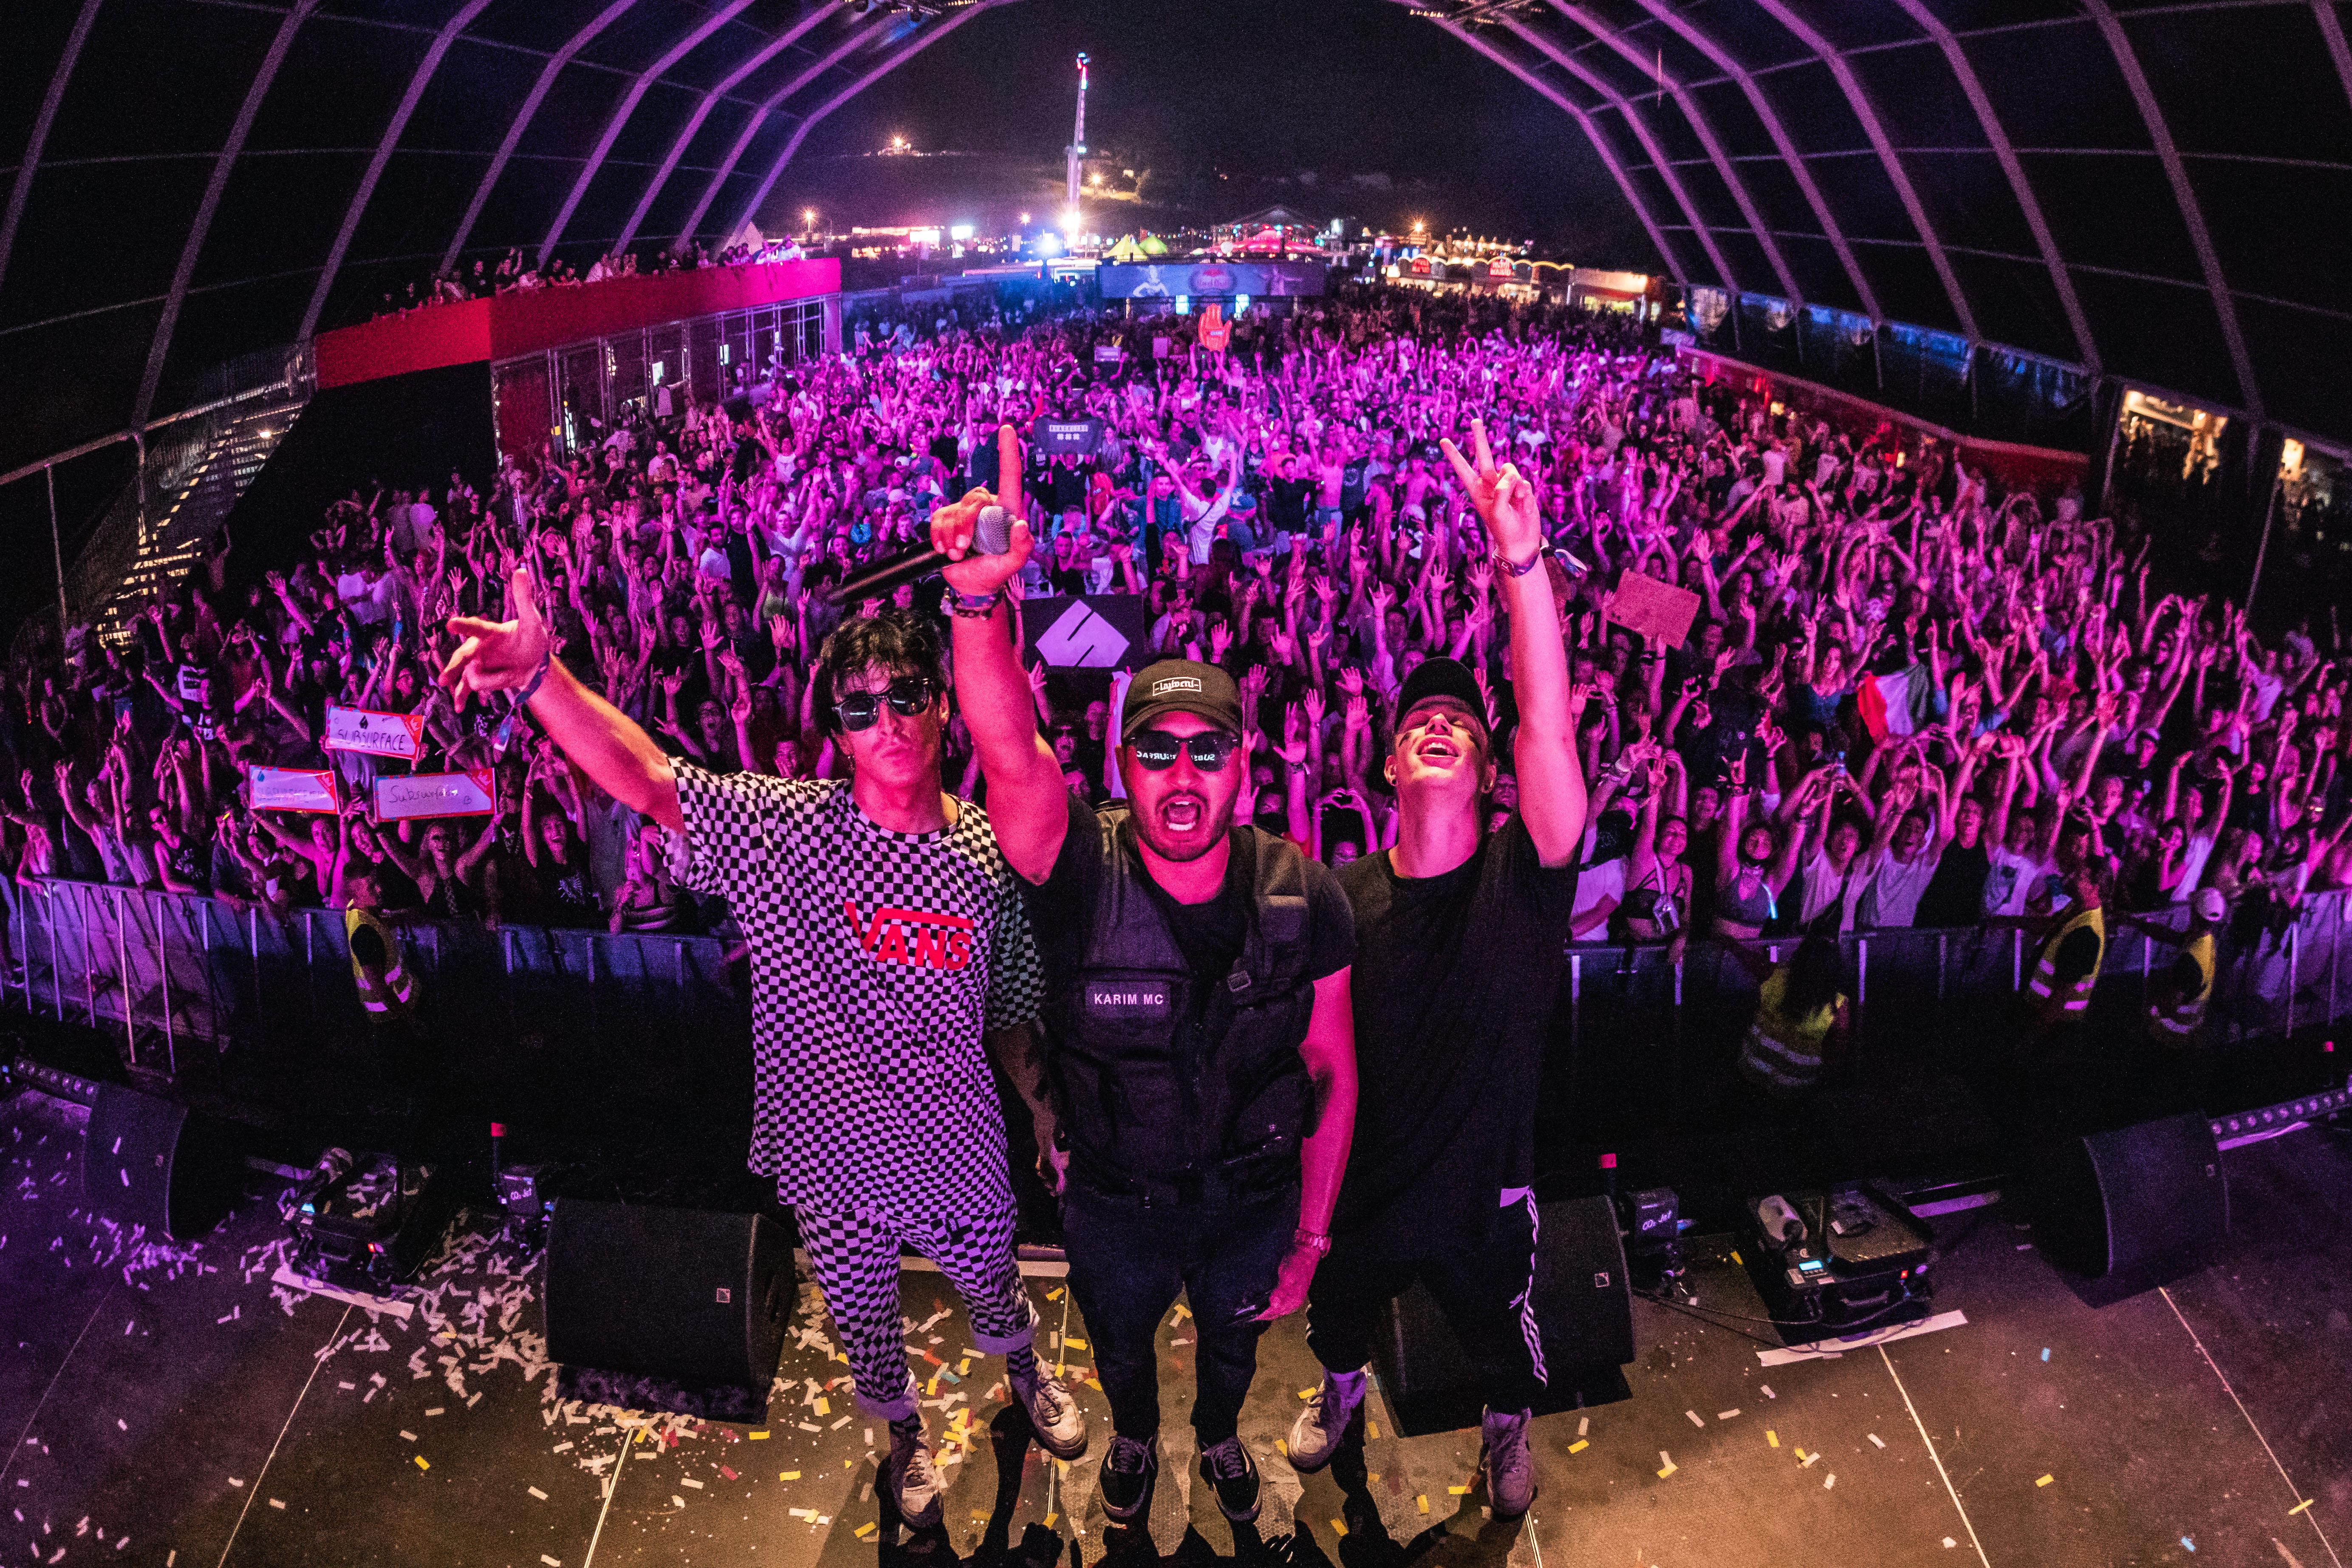 Subsurface & Karim MC at Electric Love Festival 2019.jpg